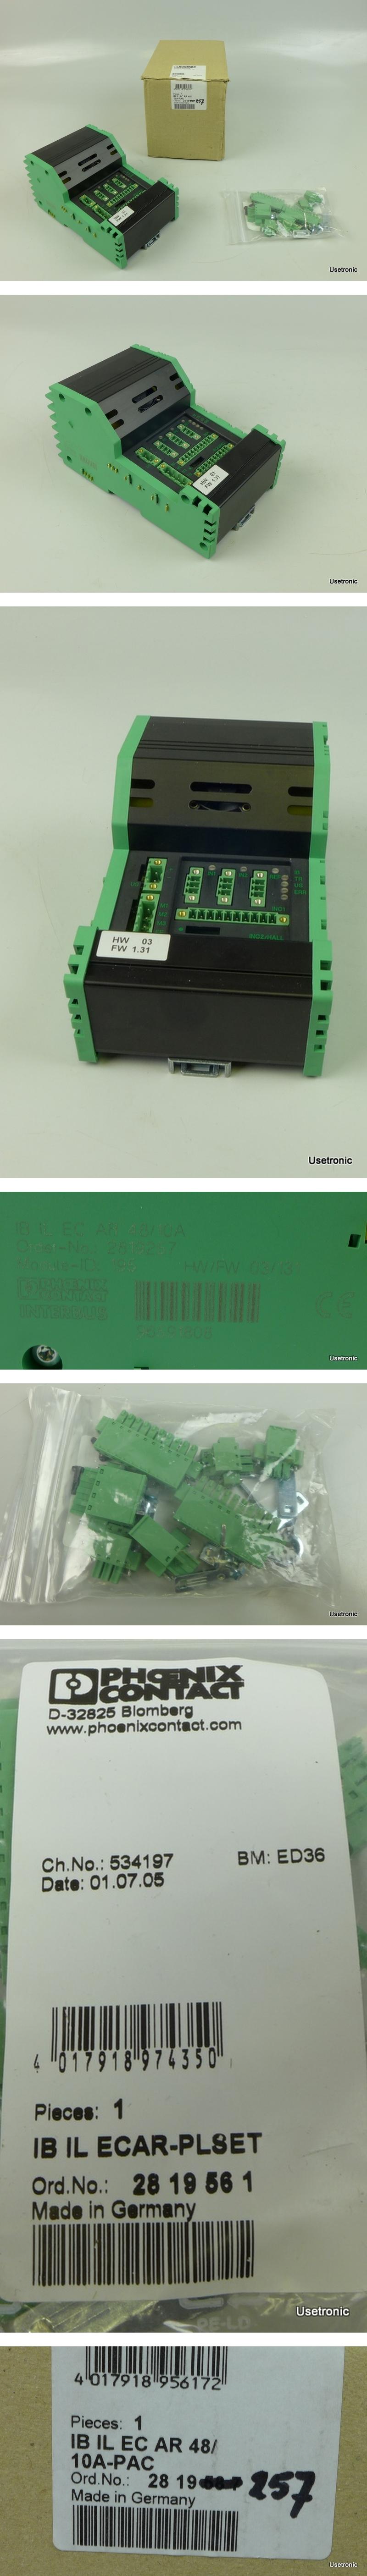 Phoenix Contact IB IL EC AR 48/10A